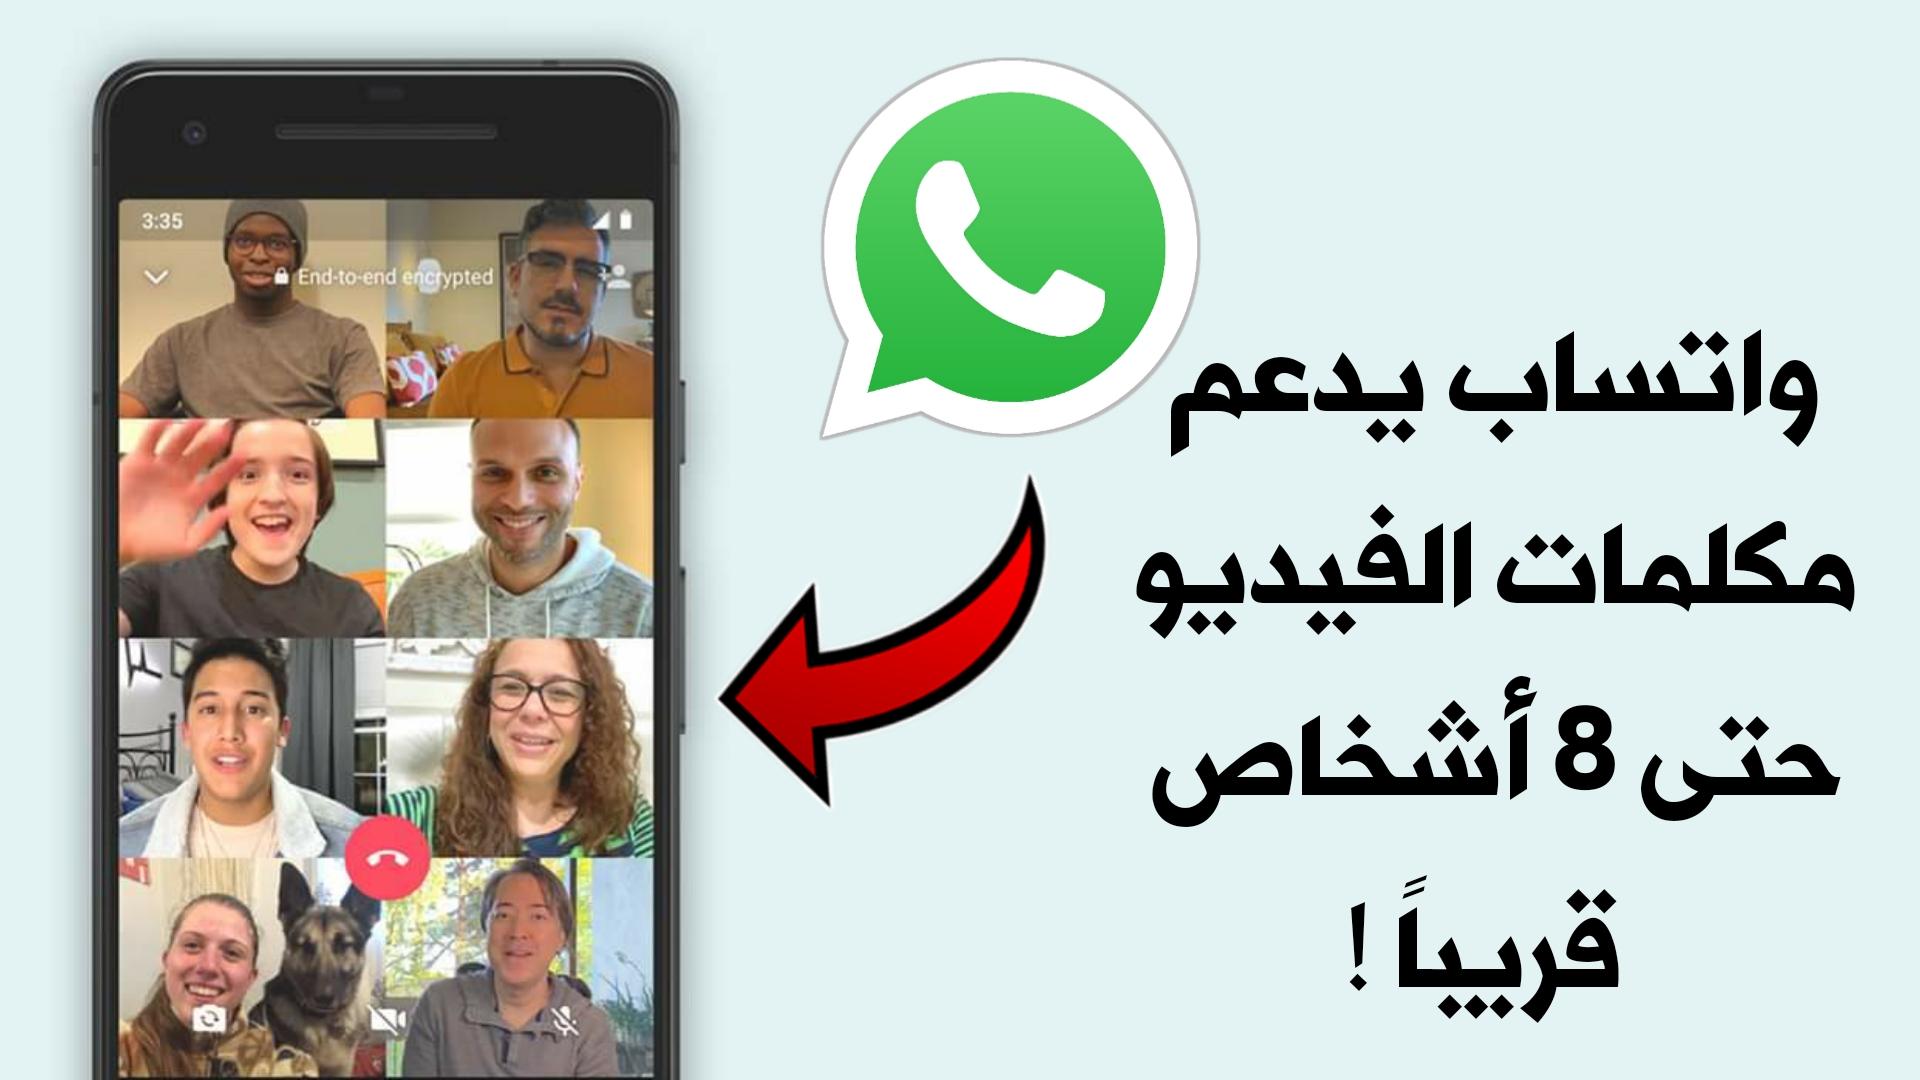 قريباً واتساب يدعم مكالمات الفيديو حتى 8 أشخاص من خلال تحديث جديد للبرنامج